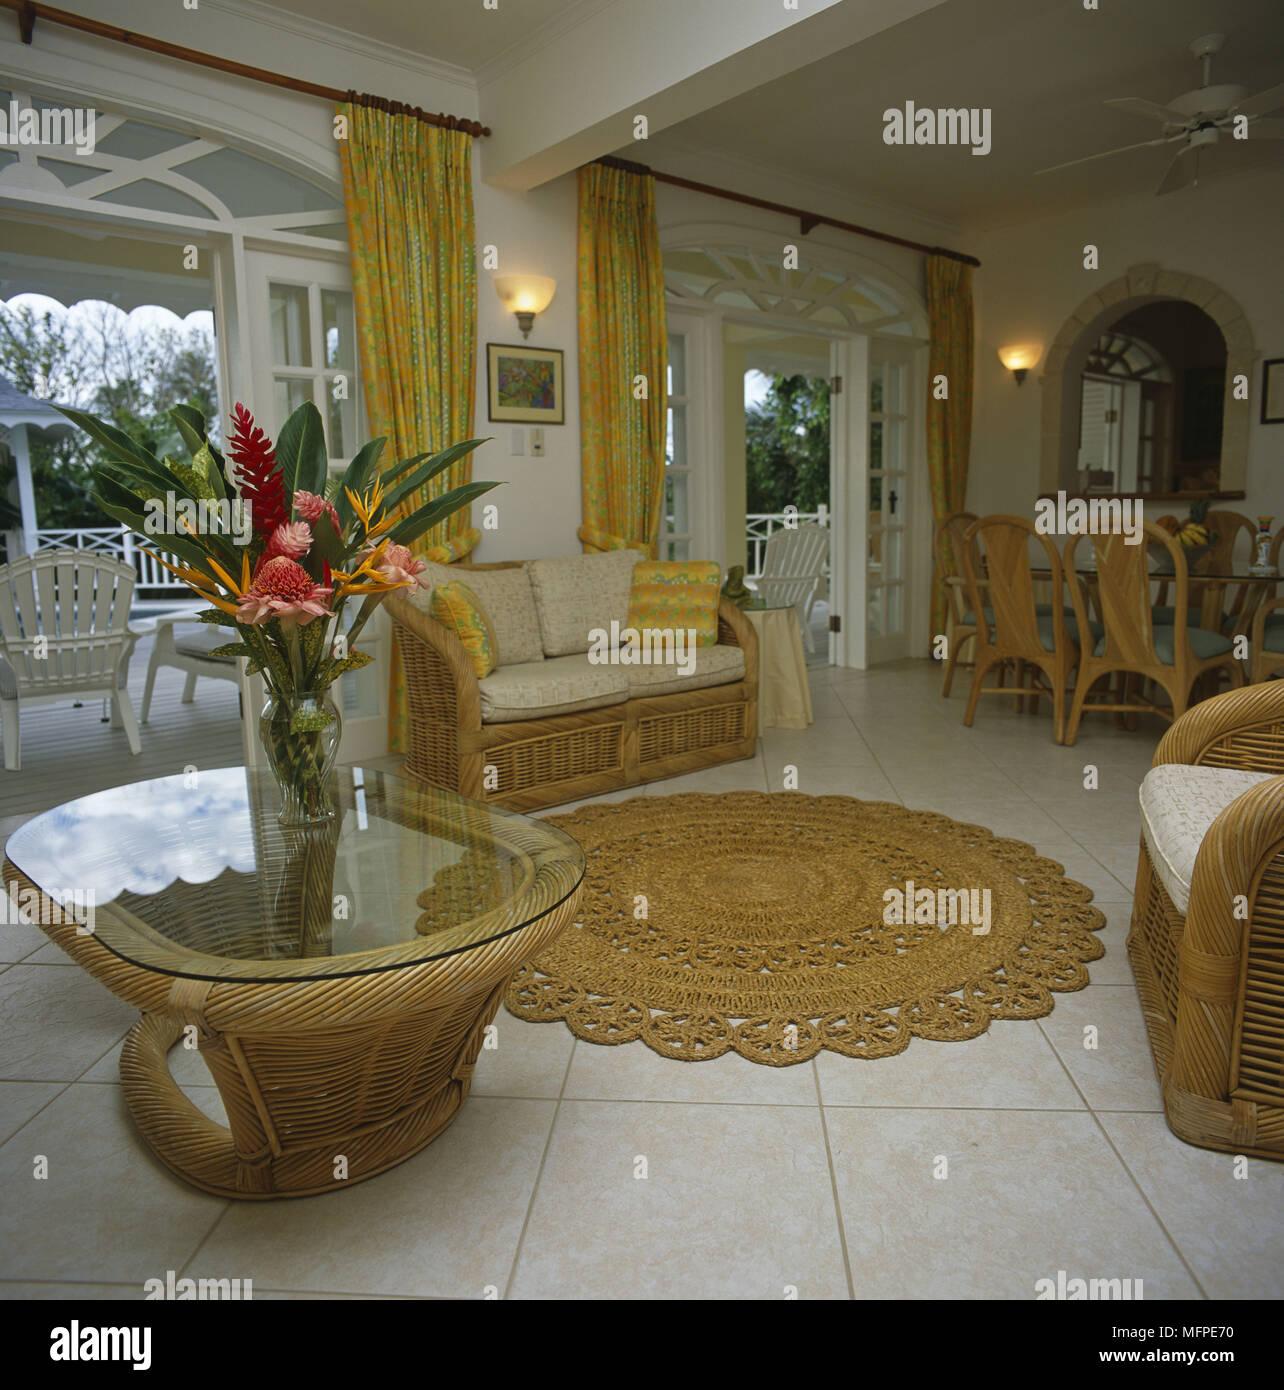 Fleur Pour Decoration Salon cane plan stock photos & cane plan stock images - alamy